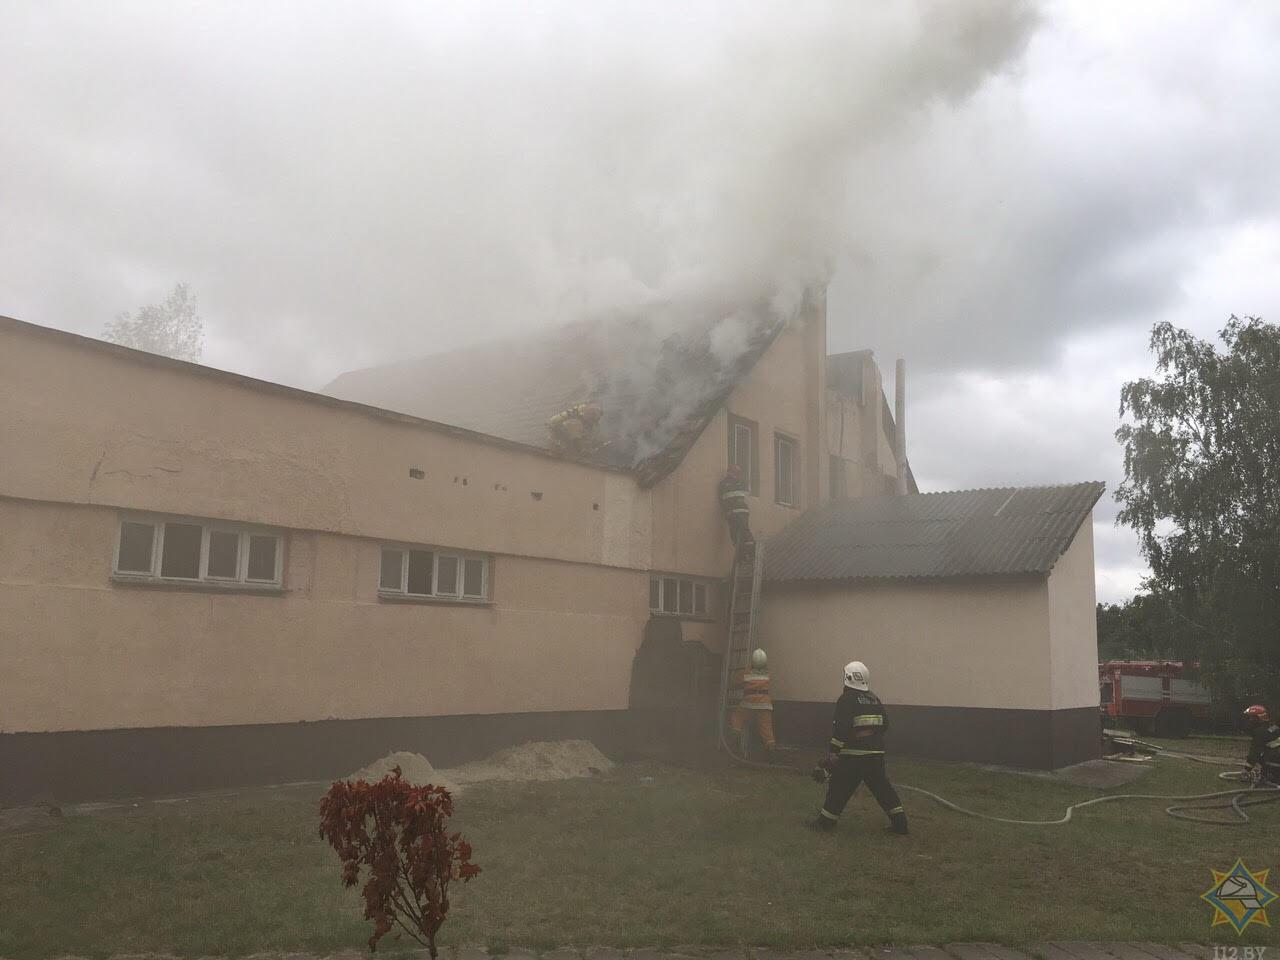 В Брестском районе спасатели ликвидировали пожар в здании общественной бани